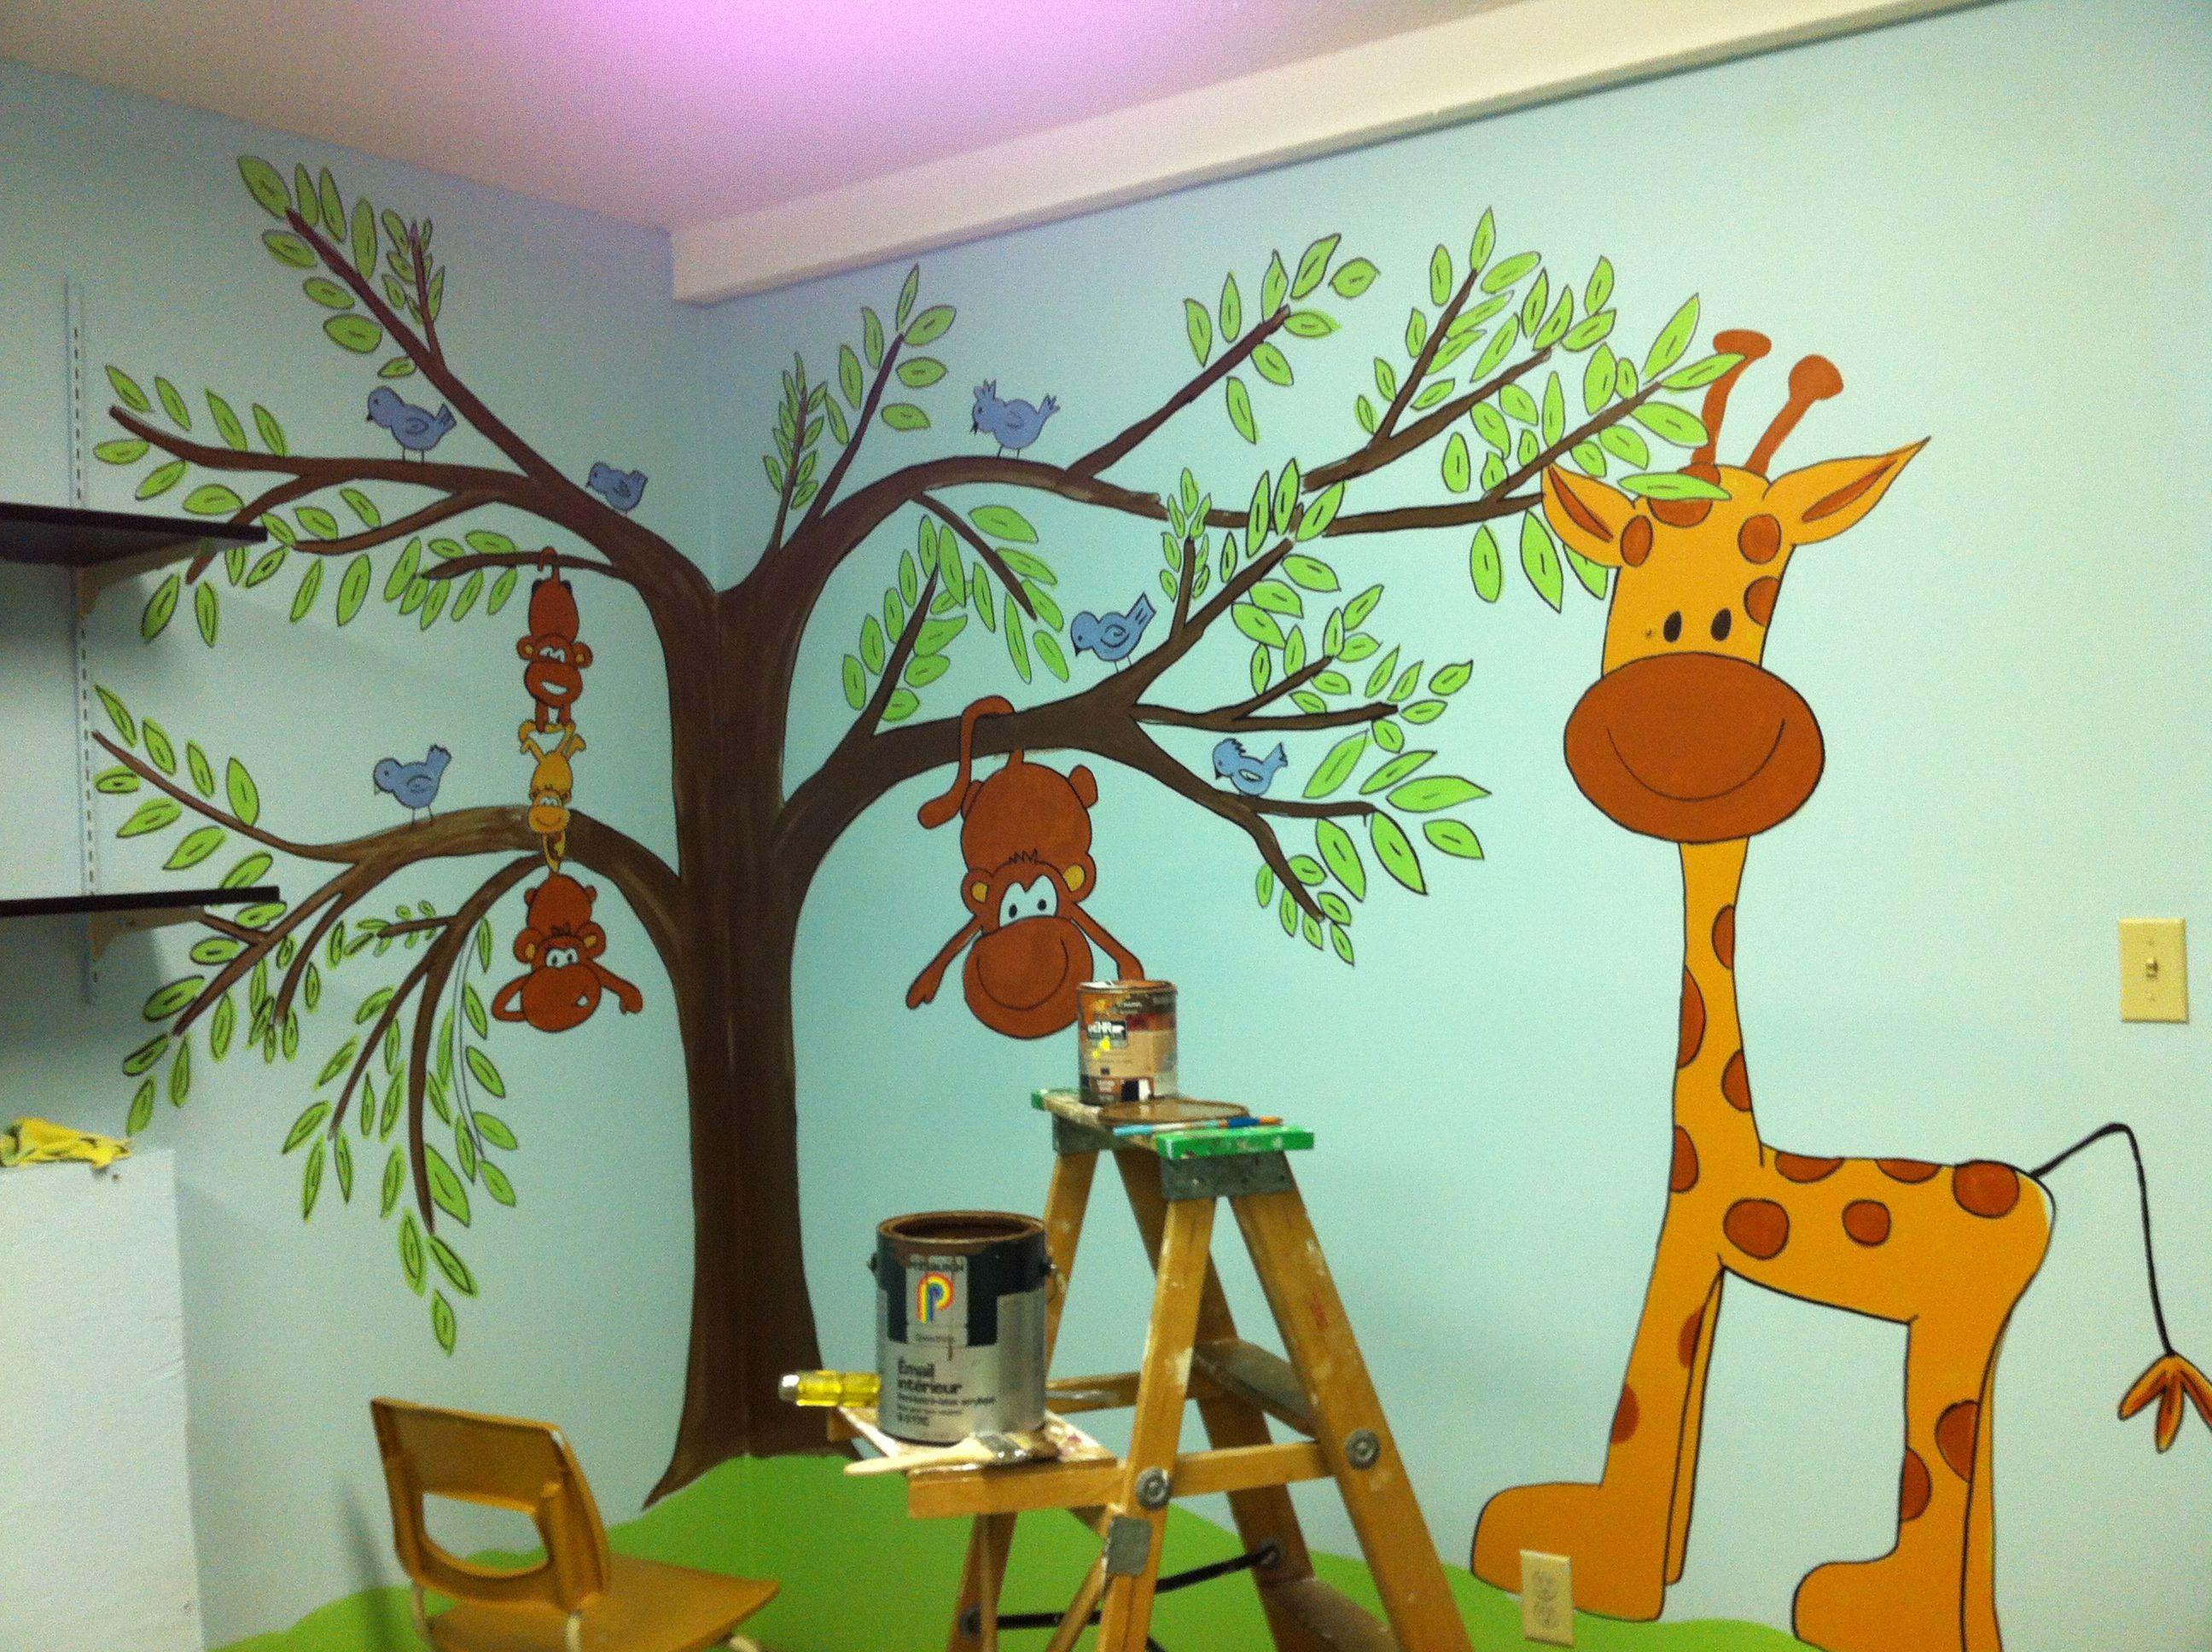 Sarah Balls Blog Bloggy Moms Nursery Room Ideas Pinterest - Church nursery wall decalsbest church nurserychildrens church decor images on